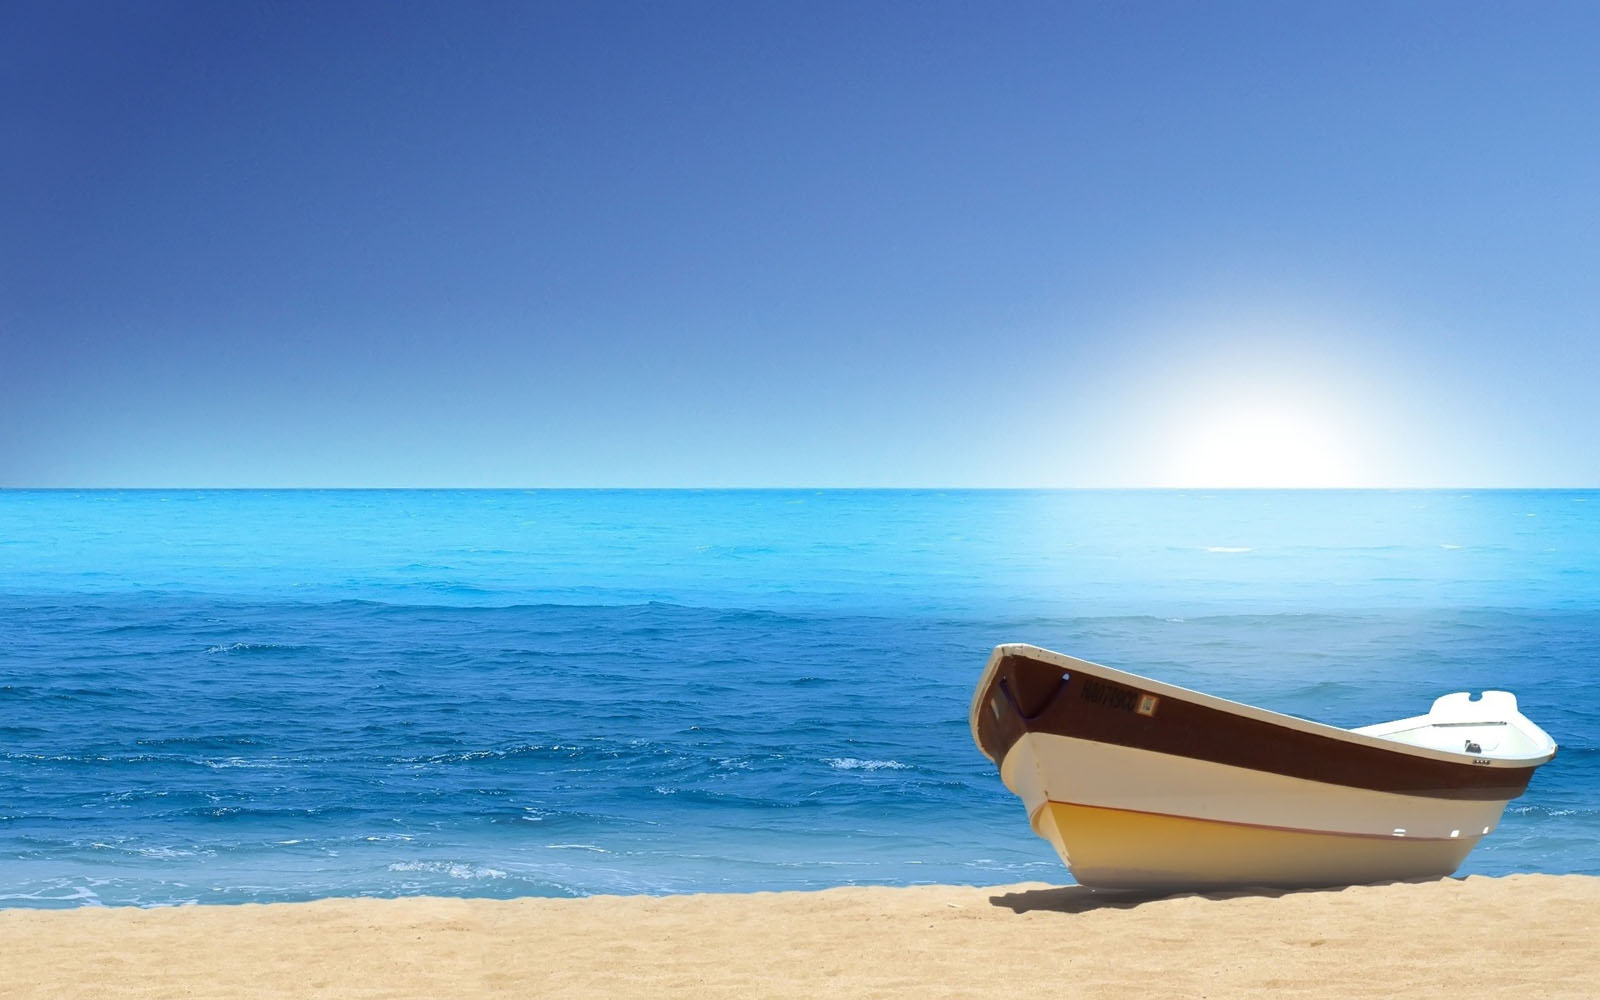 صور خلفيات بحر , خلفيات رائعه وجميله للبحر